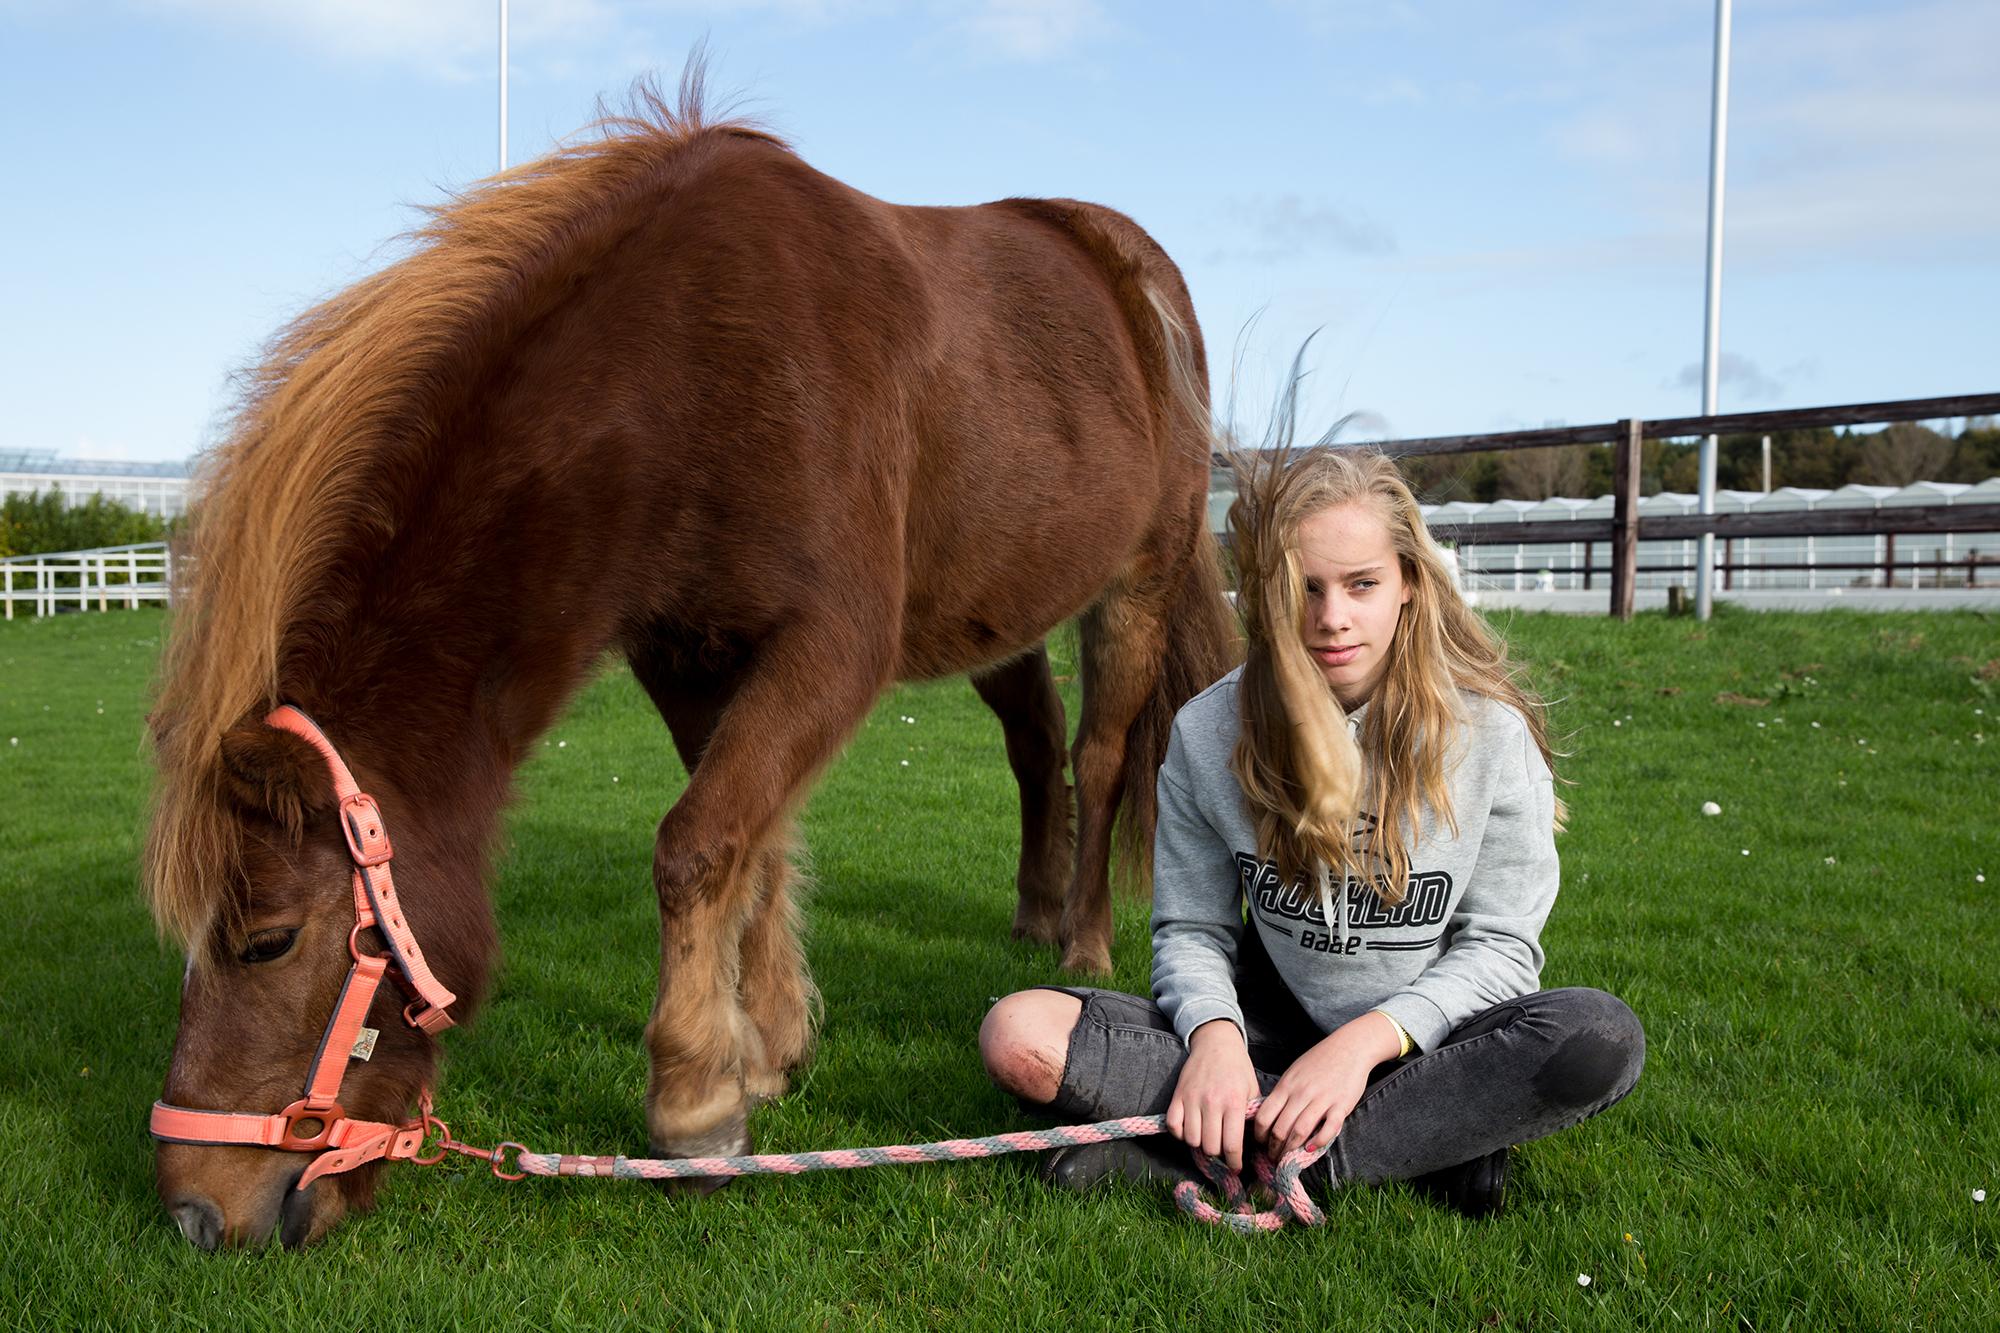 Fotografie portretfotoshoot Senne met paard